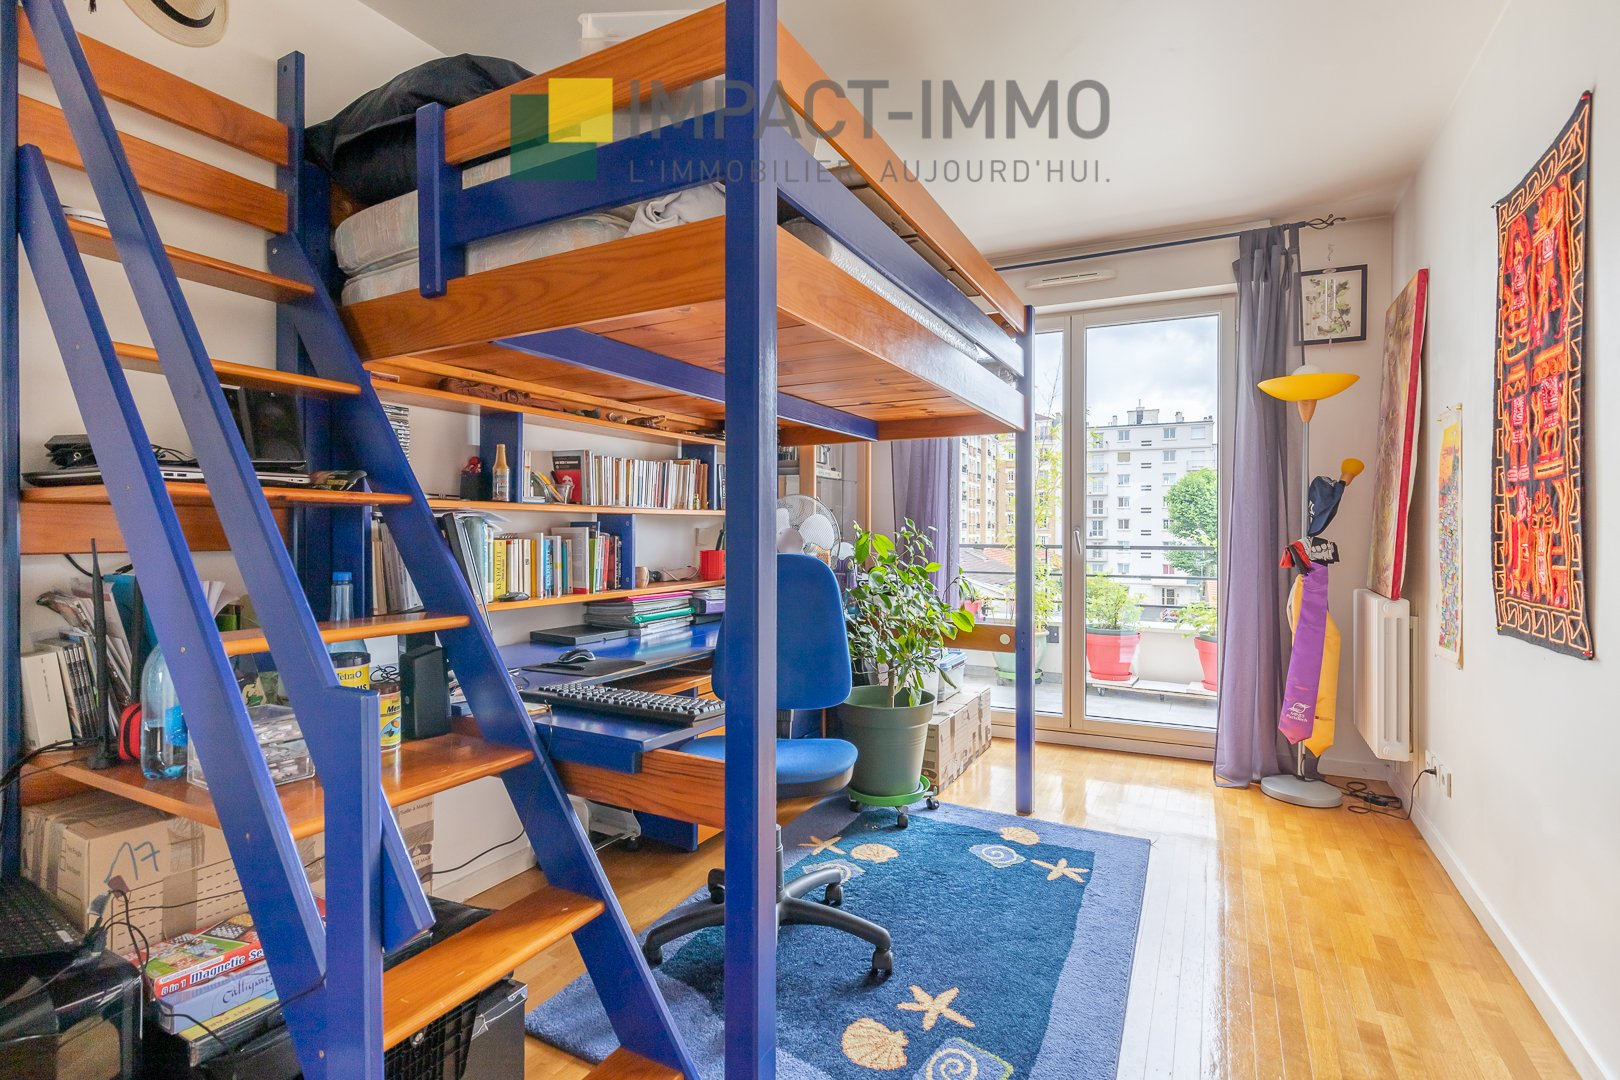 4 Chambres - 107m² - Cœur Becon